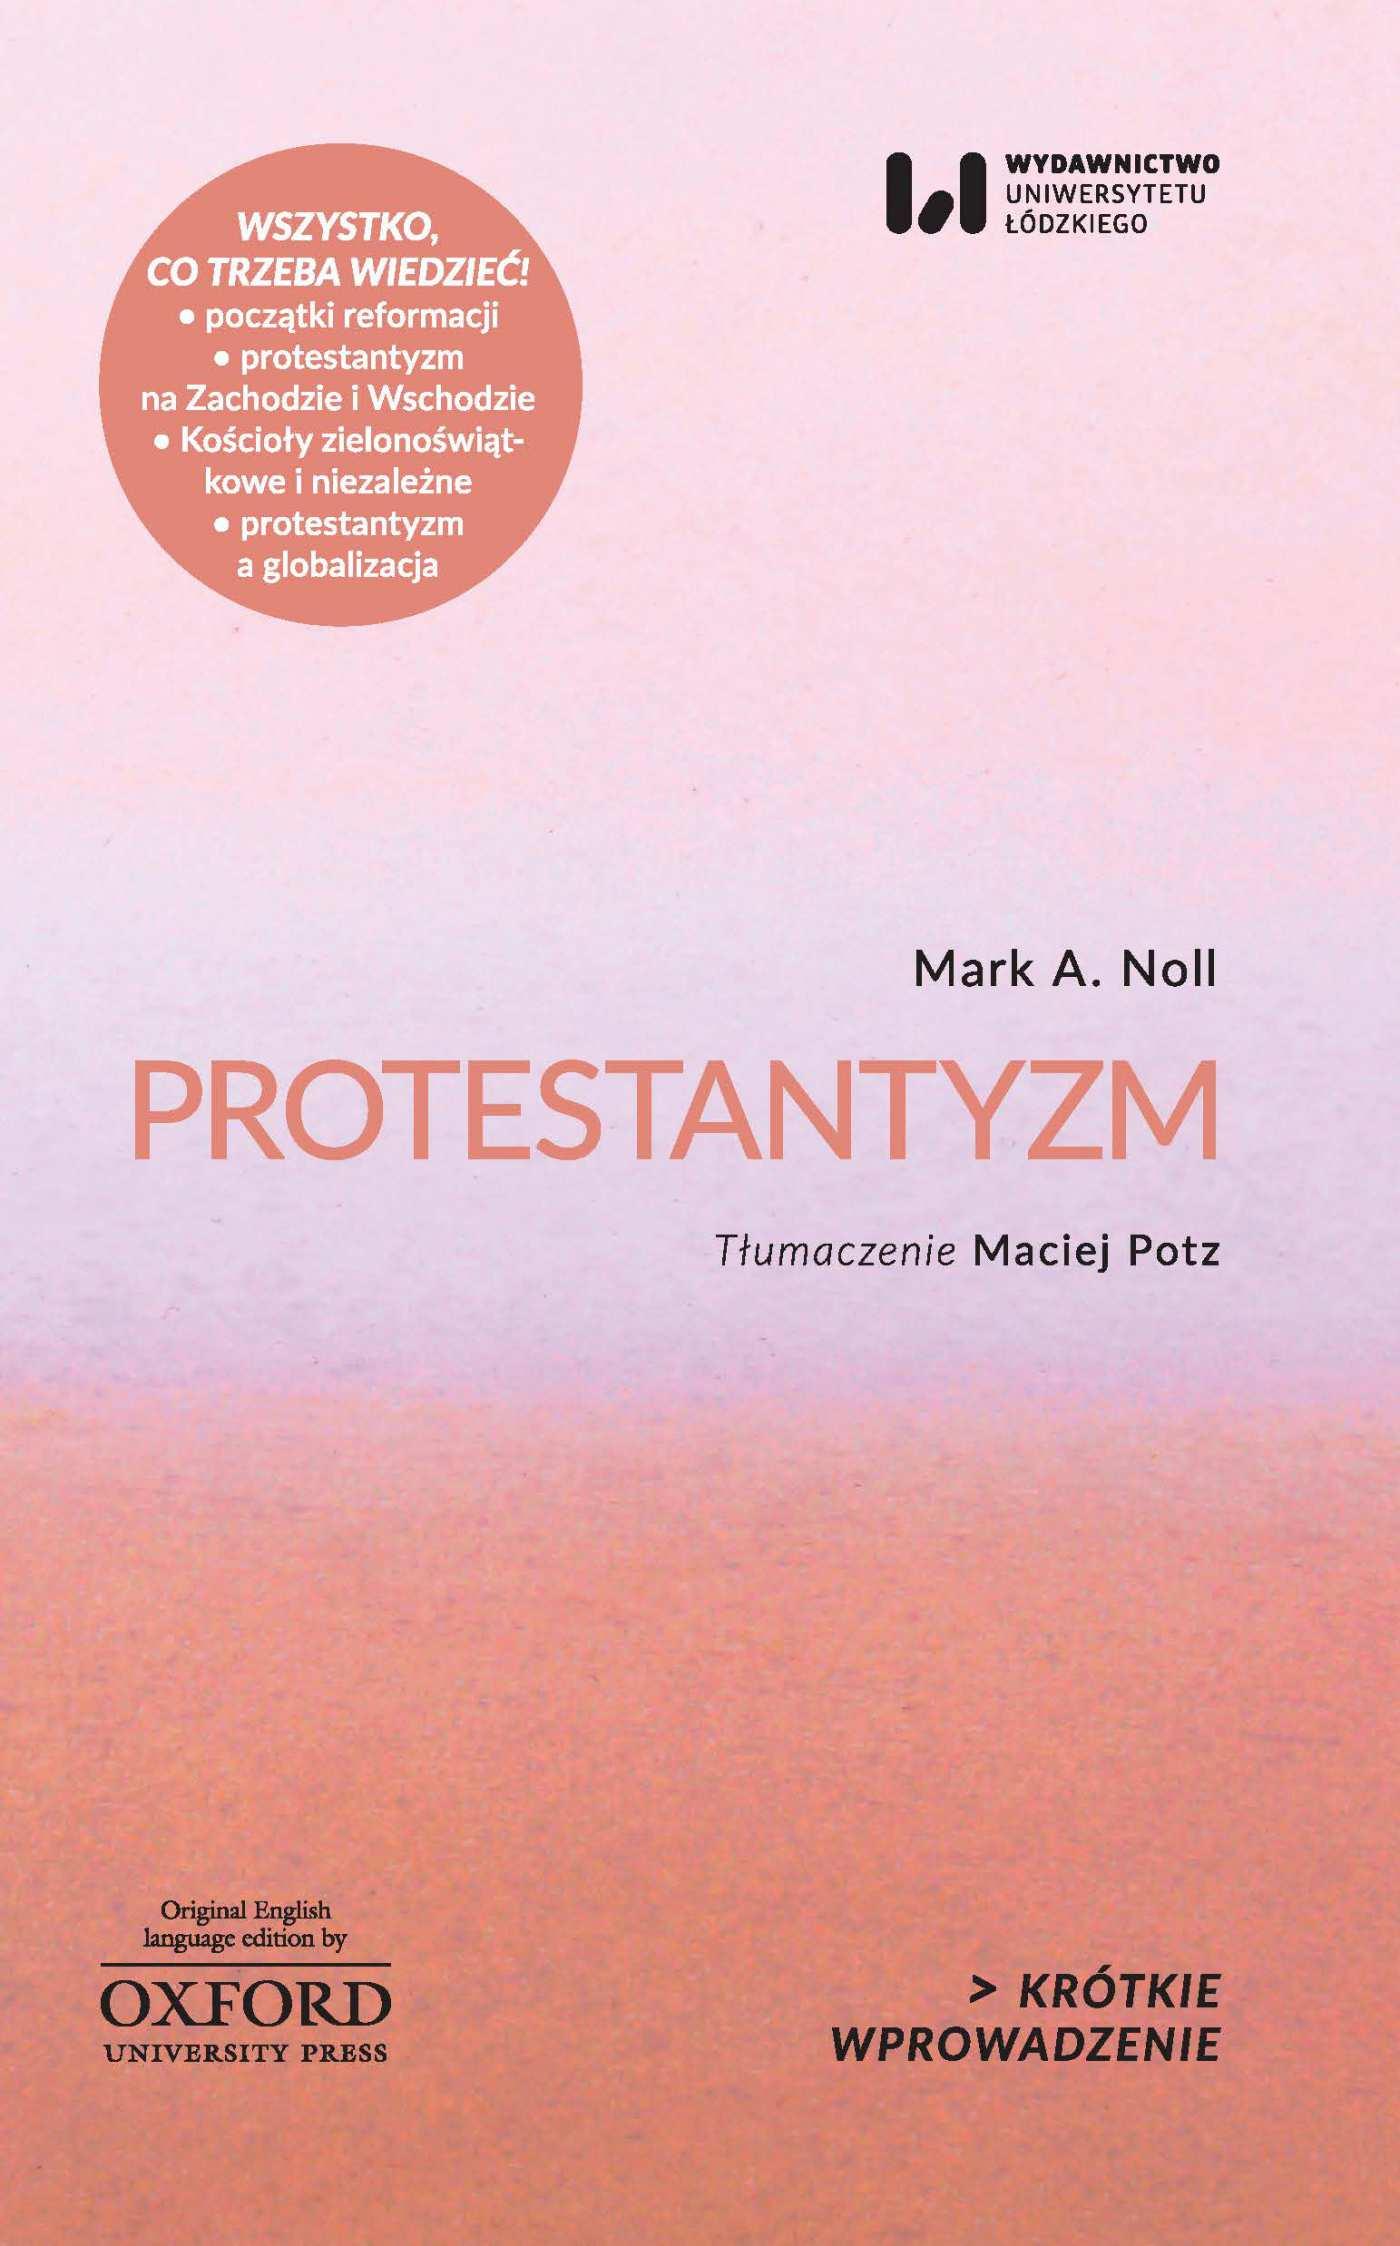 Protestantyzm. Krótkie Wprowadzenie 2 - Ebook (Książka EPUB) do pobrania w formacie EPUB